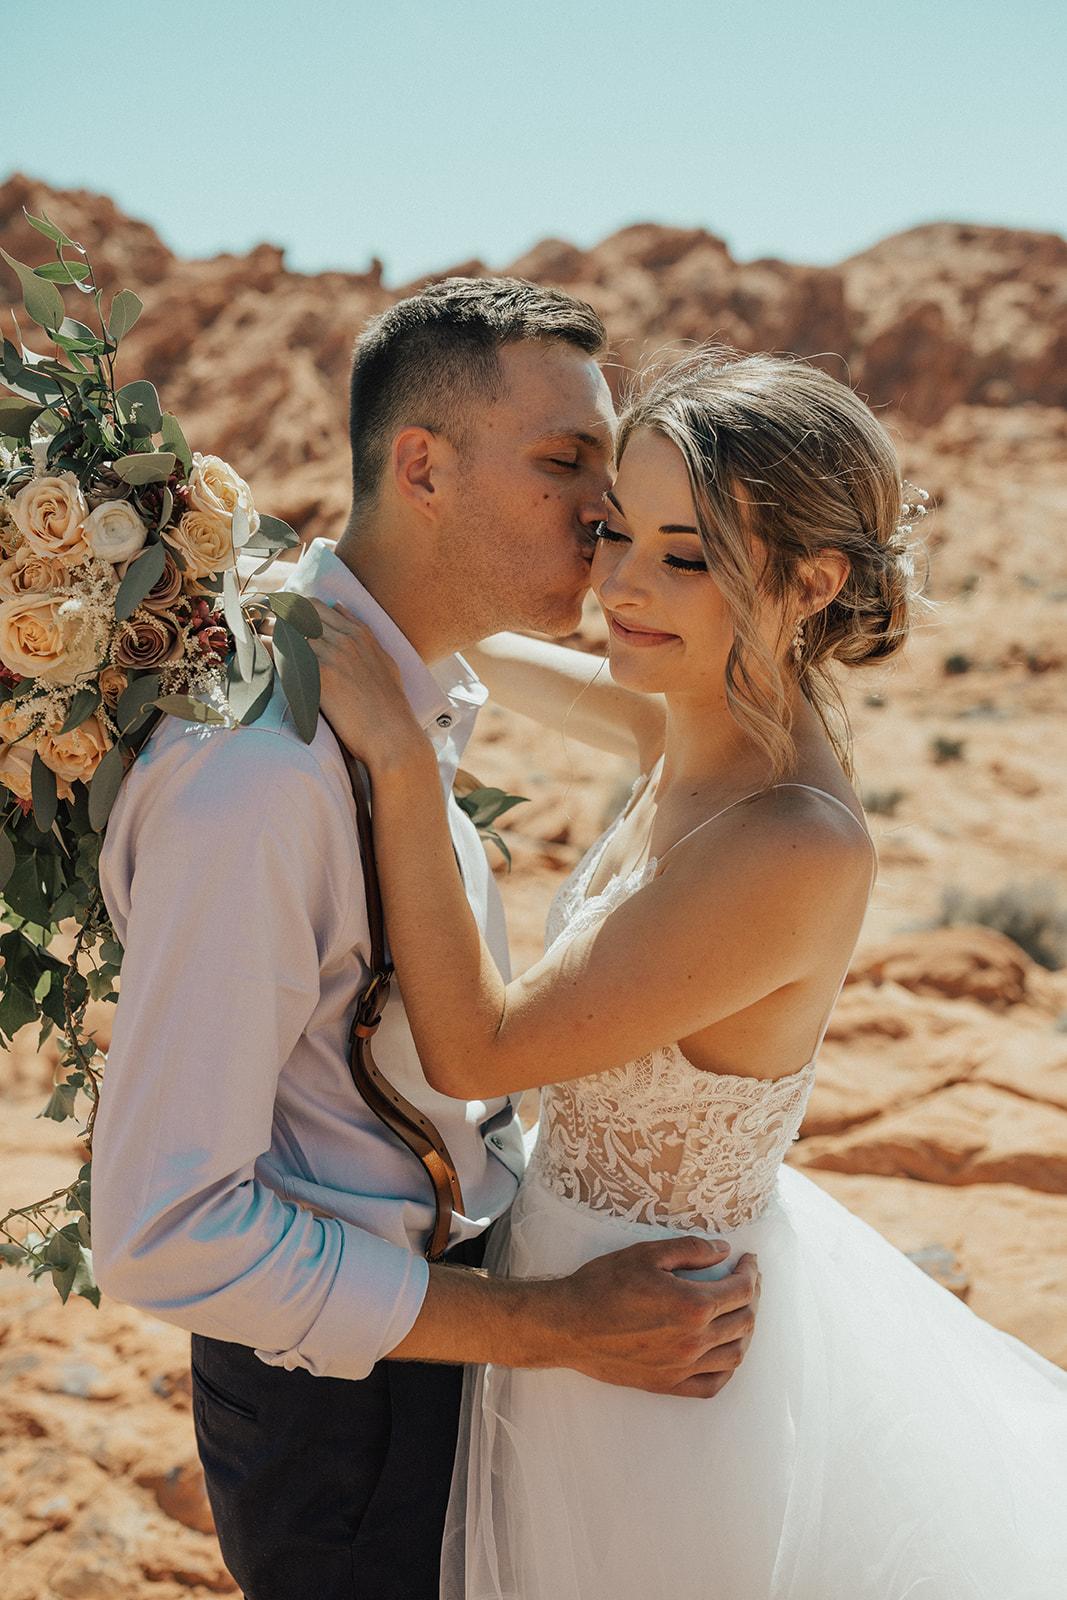 spokane bride and groom desert elopement